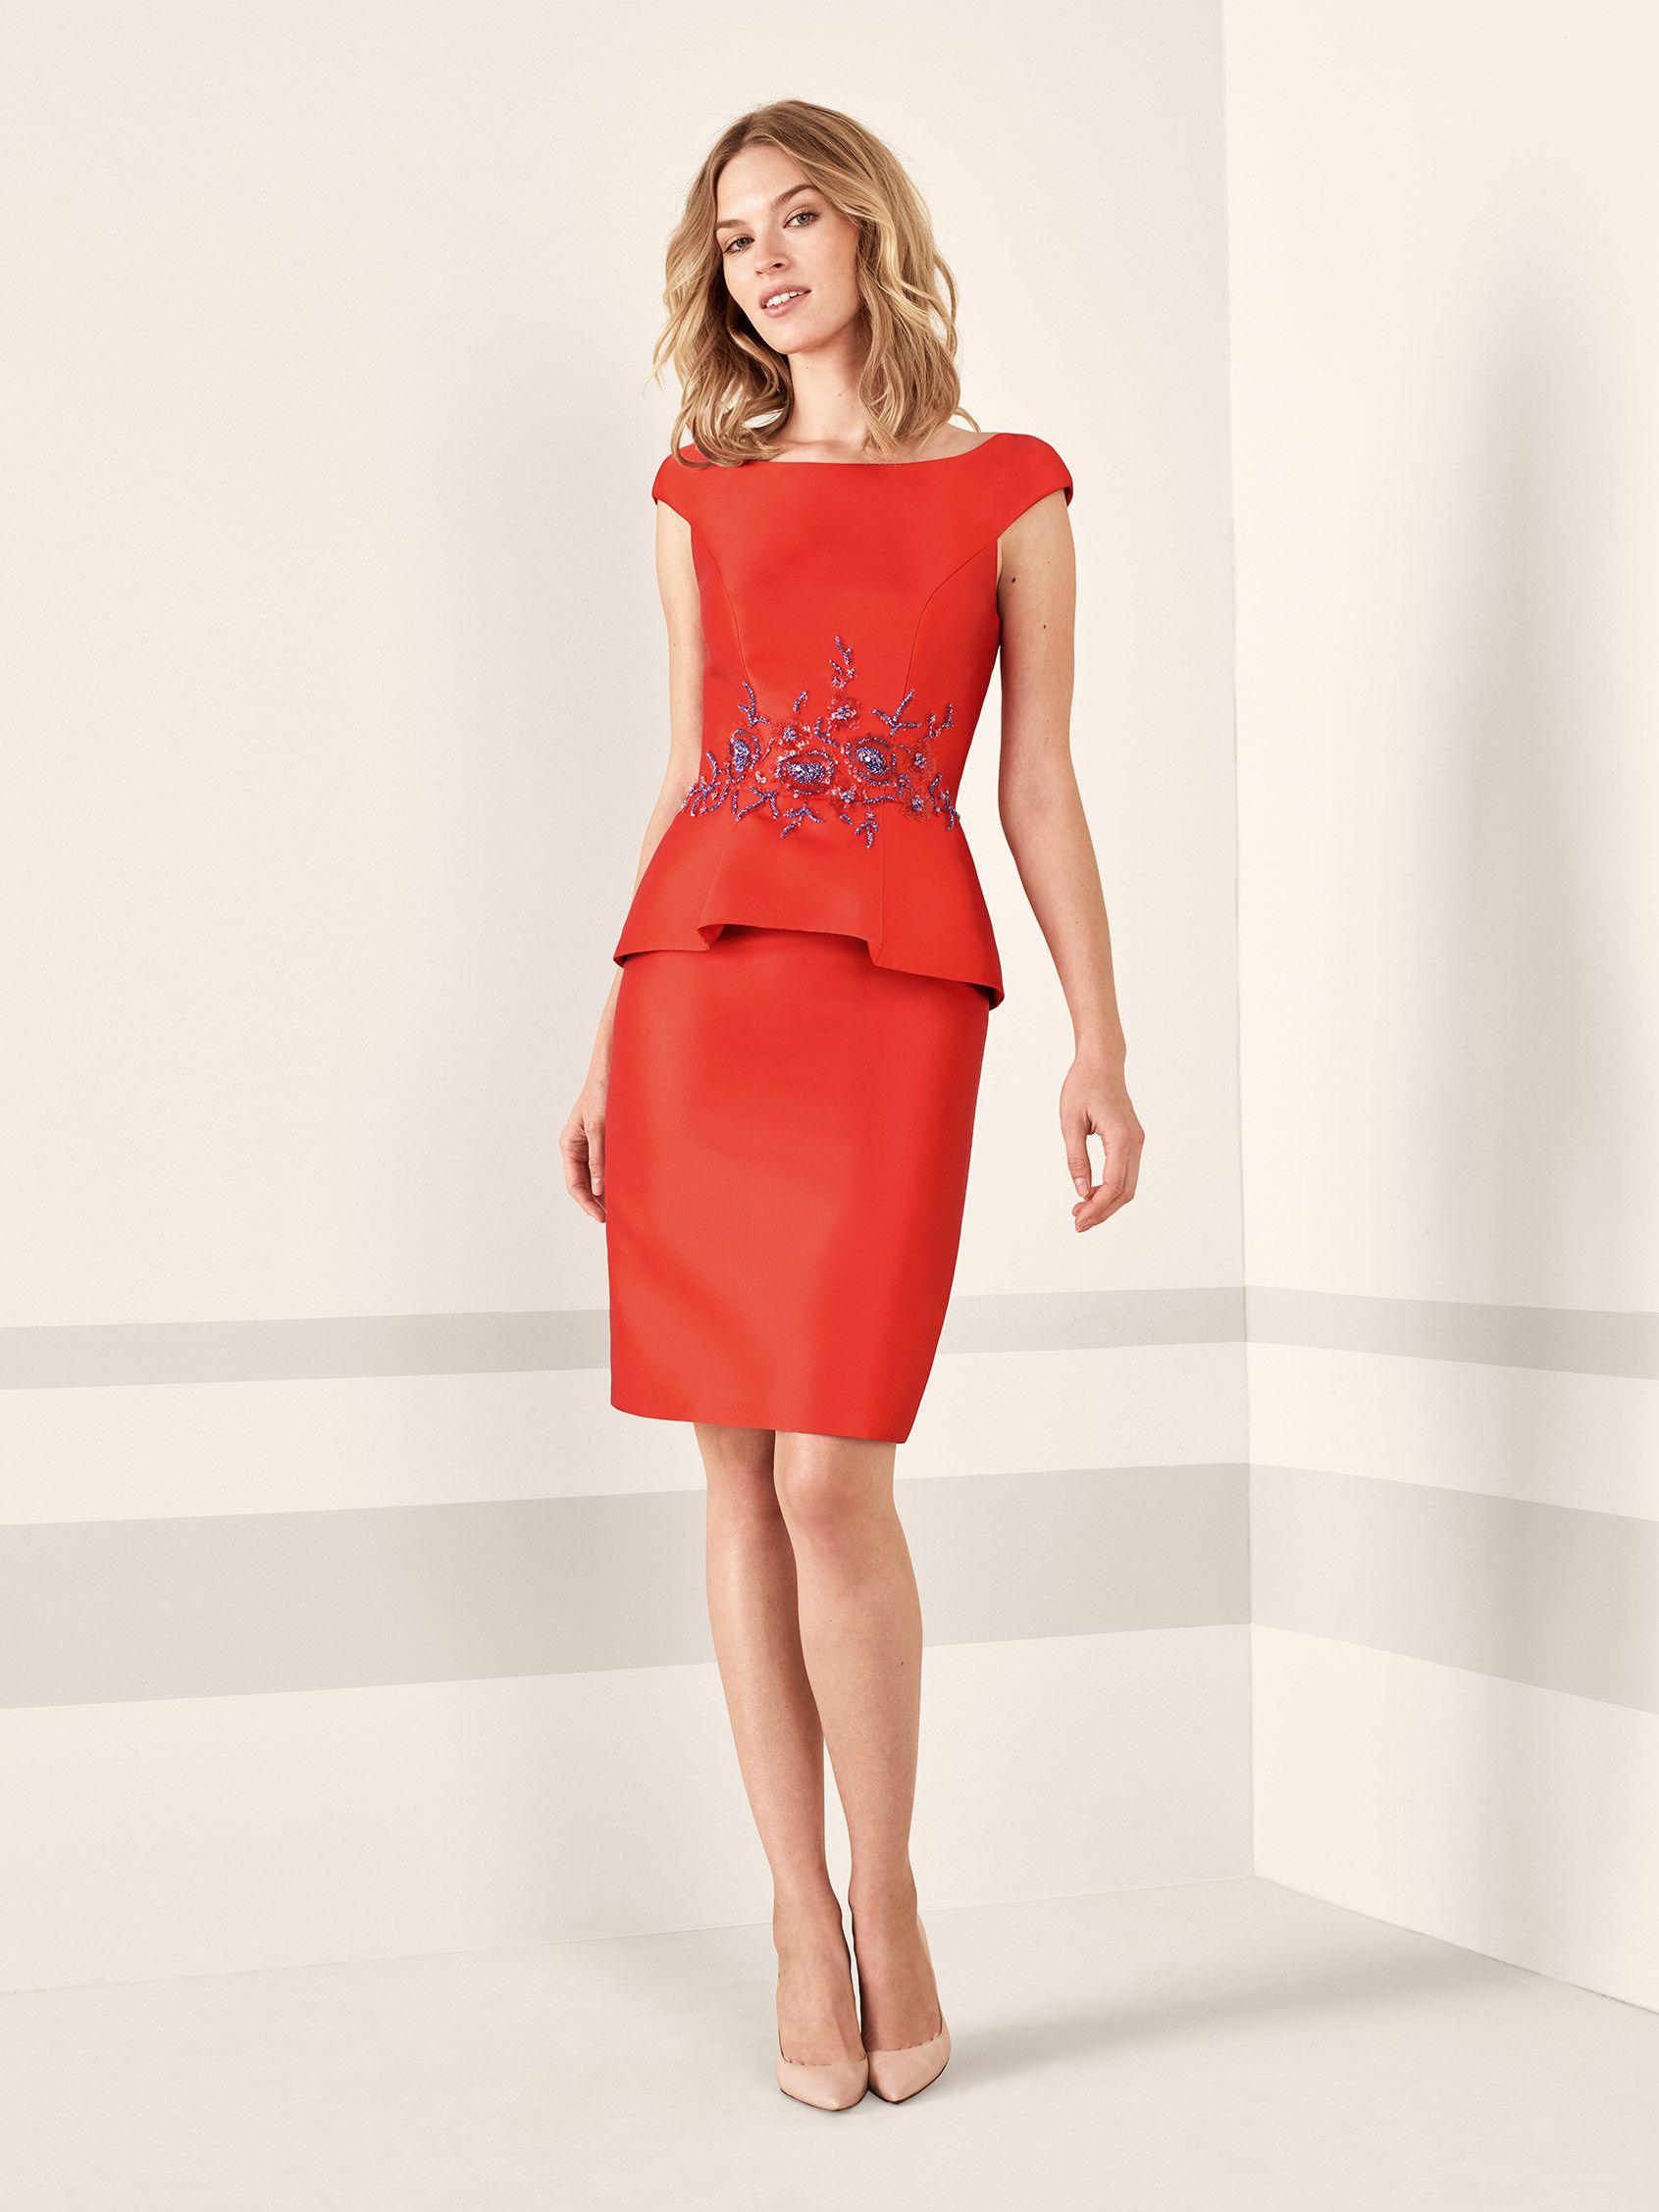 b9e232962 Vestido de cóctel rojo Pronovias 2019 FIESTA  modamujer  moda  fashion   vestidosdefiesta  vestidosdecoctel  vestidoslargos  vestidoscortos   primaveraverano ...